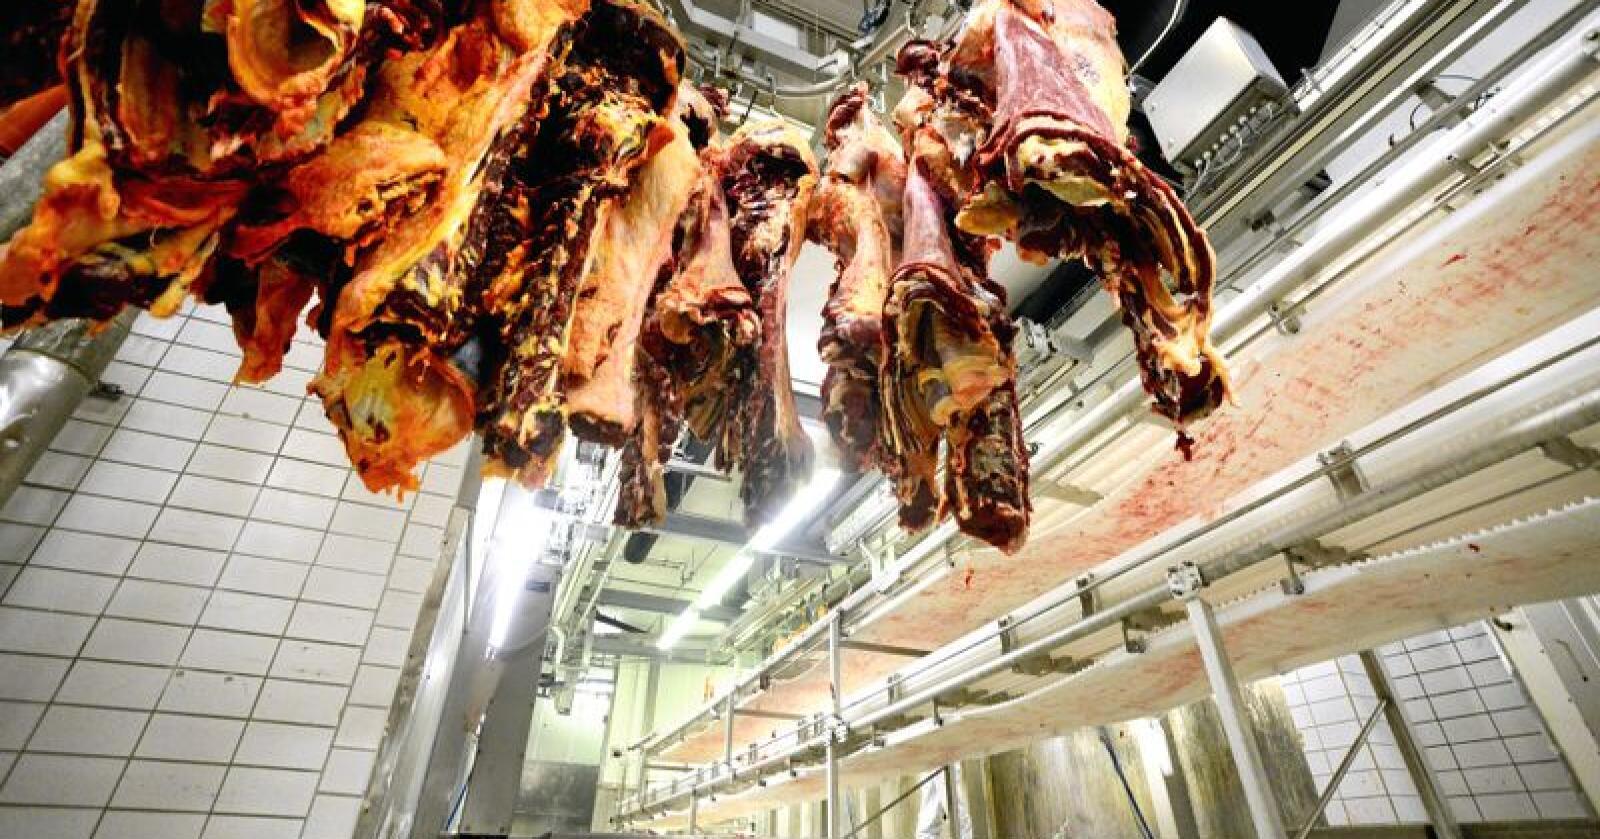 Katastrofe: Med dagens kjøttforbruk spiser vi oss mot katastrofe, skriver innsenderen. Foto: Siri Juell Rasmussen